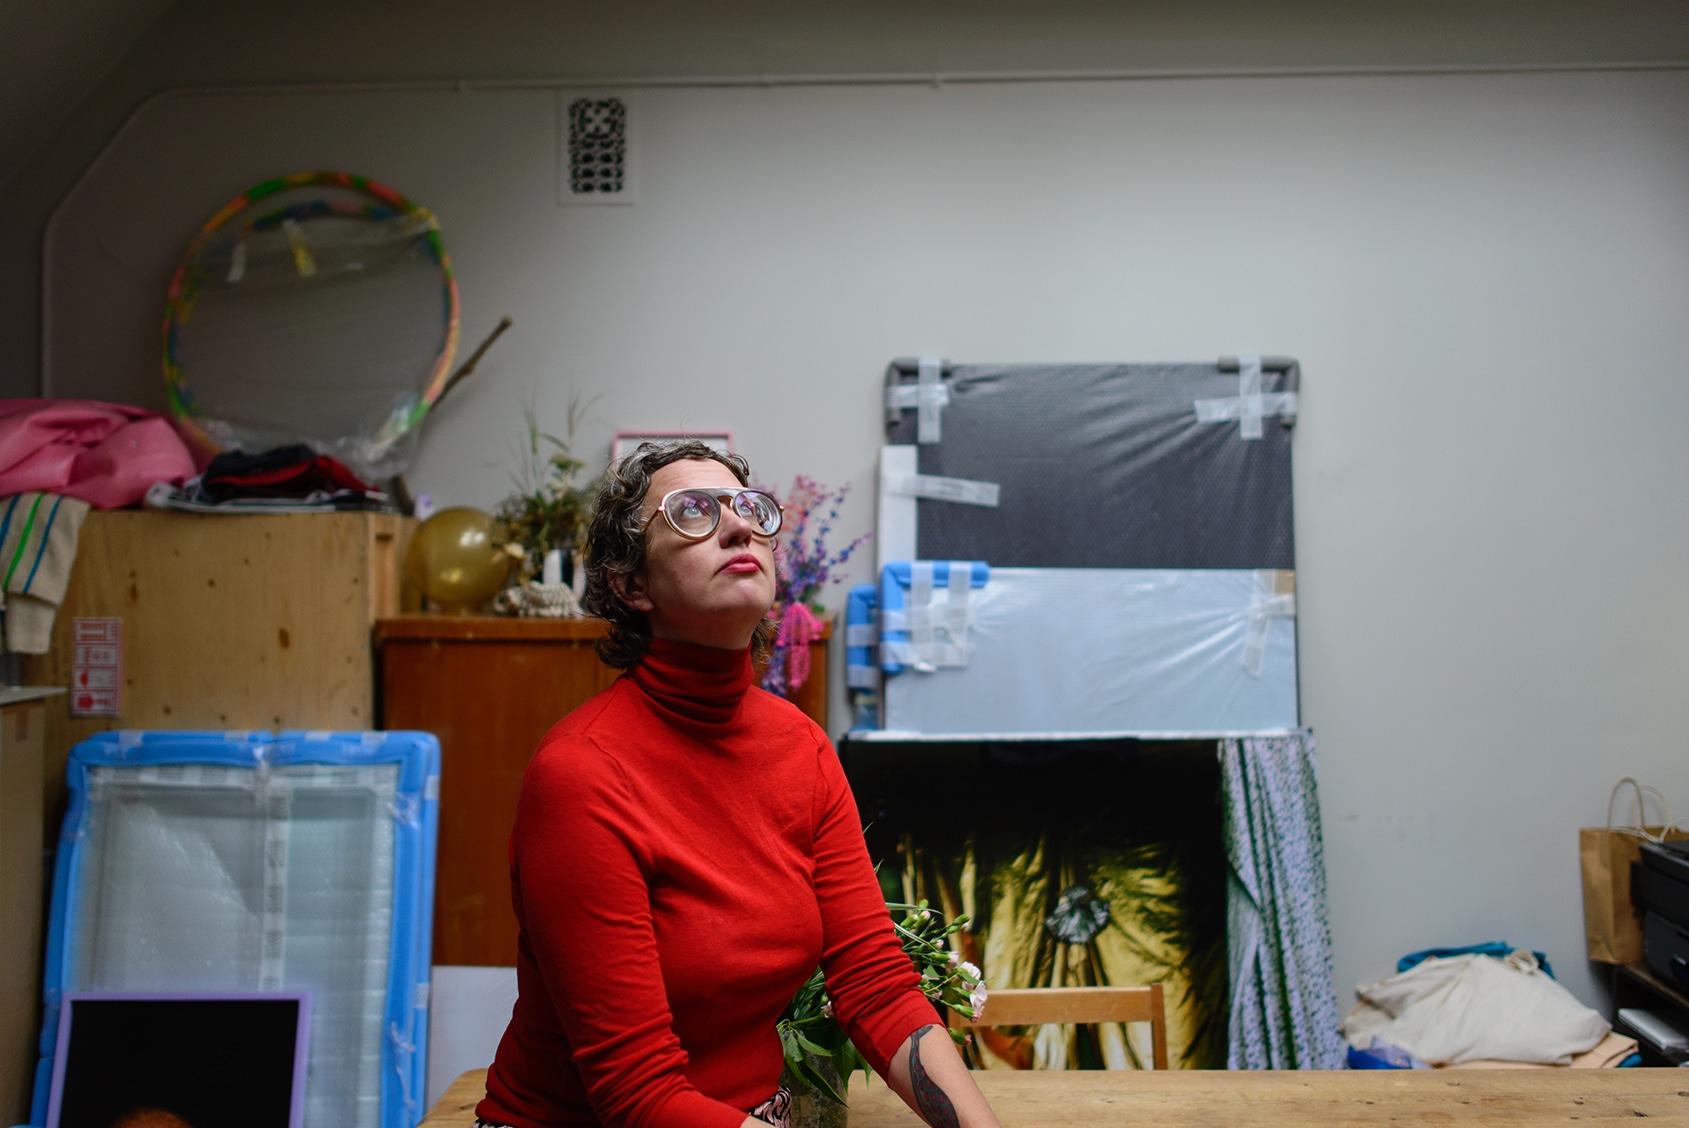 Konstnär Hertta Kiiski som haft Henry Lönnfors konstnärsateljé i Puolalaparken som sin kreativa bas.